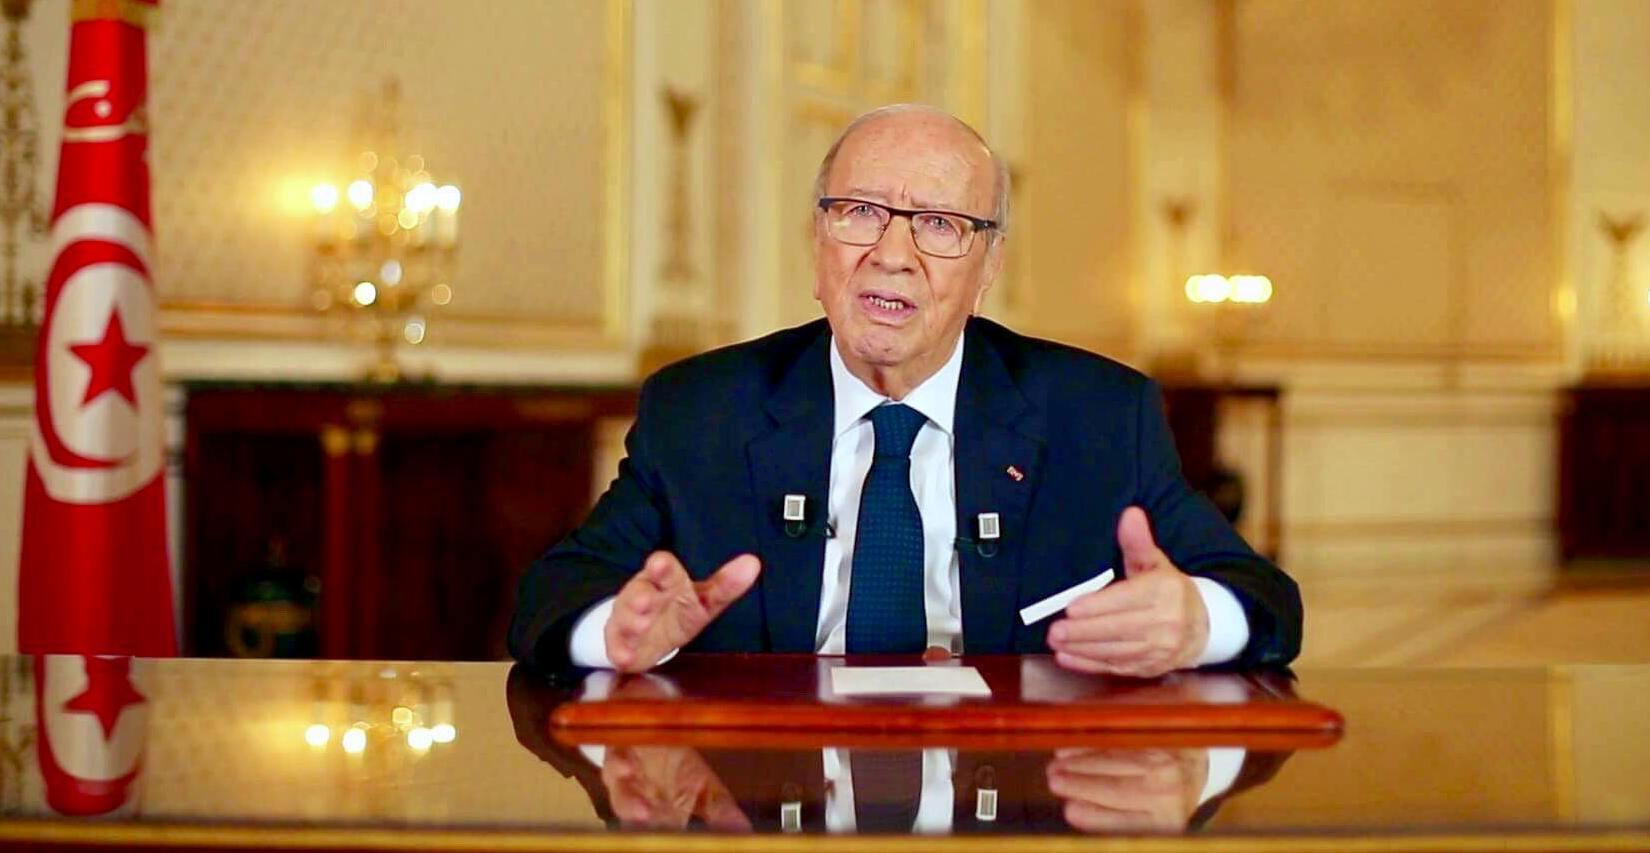 صورة لا معلومات رسمية عن تطور صحة الرئيس التونسي الباجي قايد السبسي